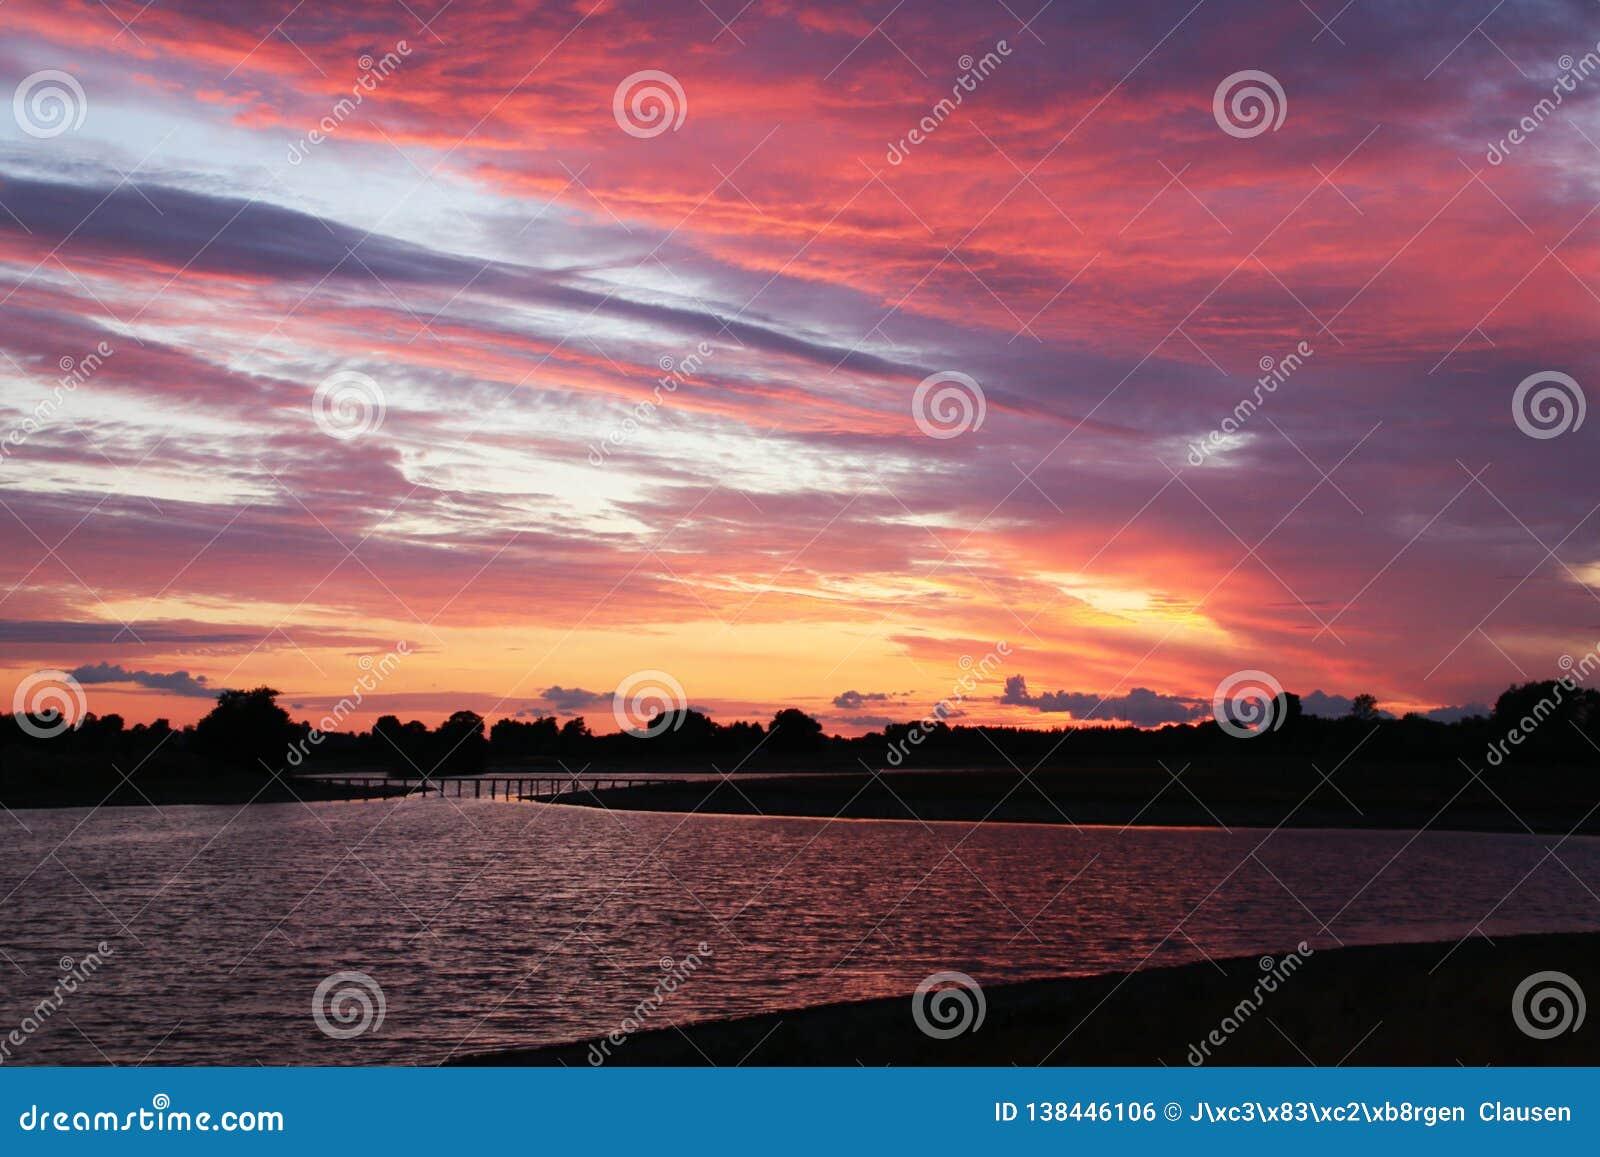 O céu é uma paleta de cores